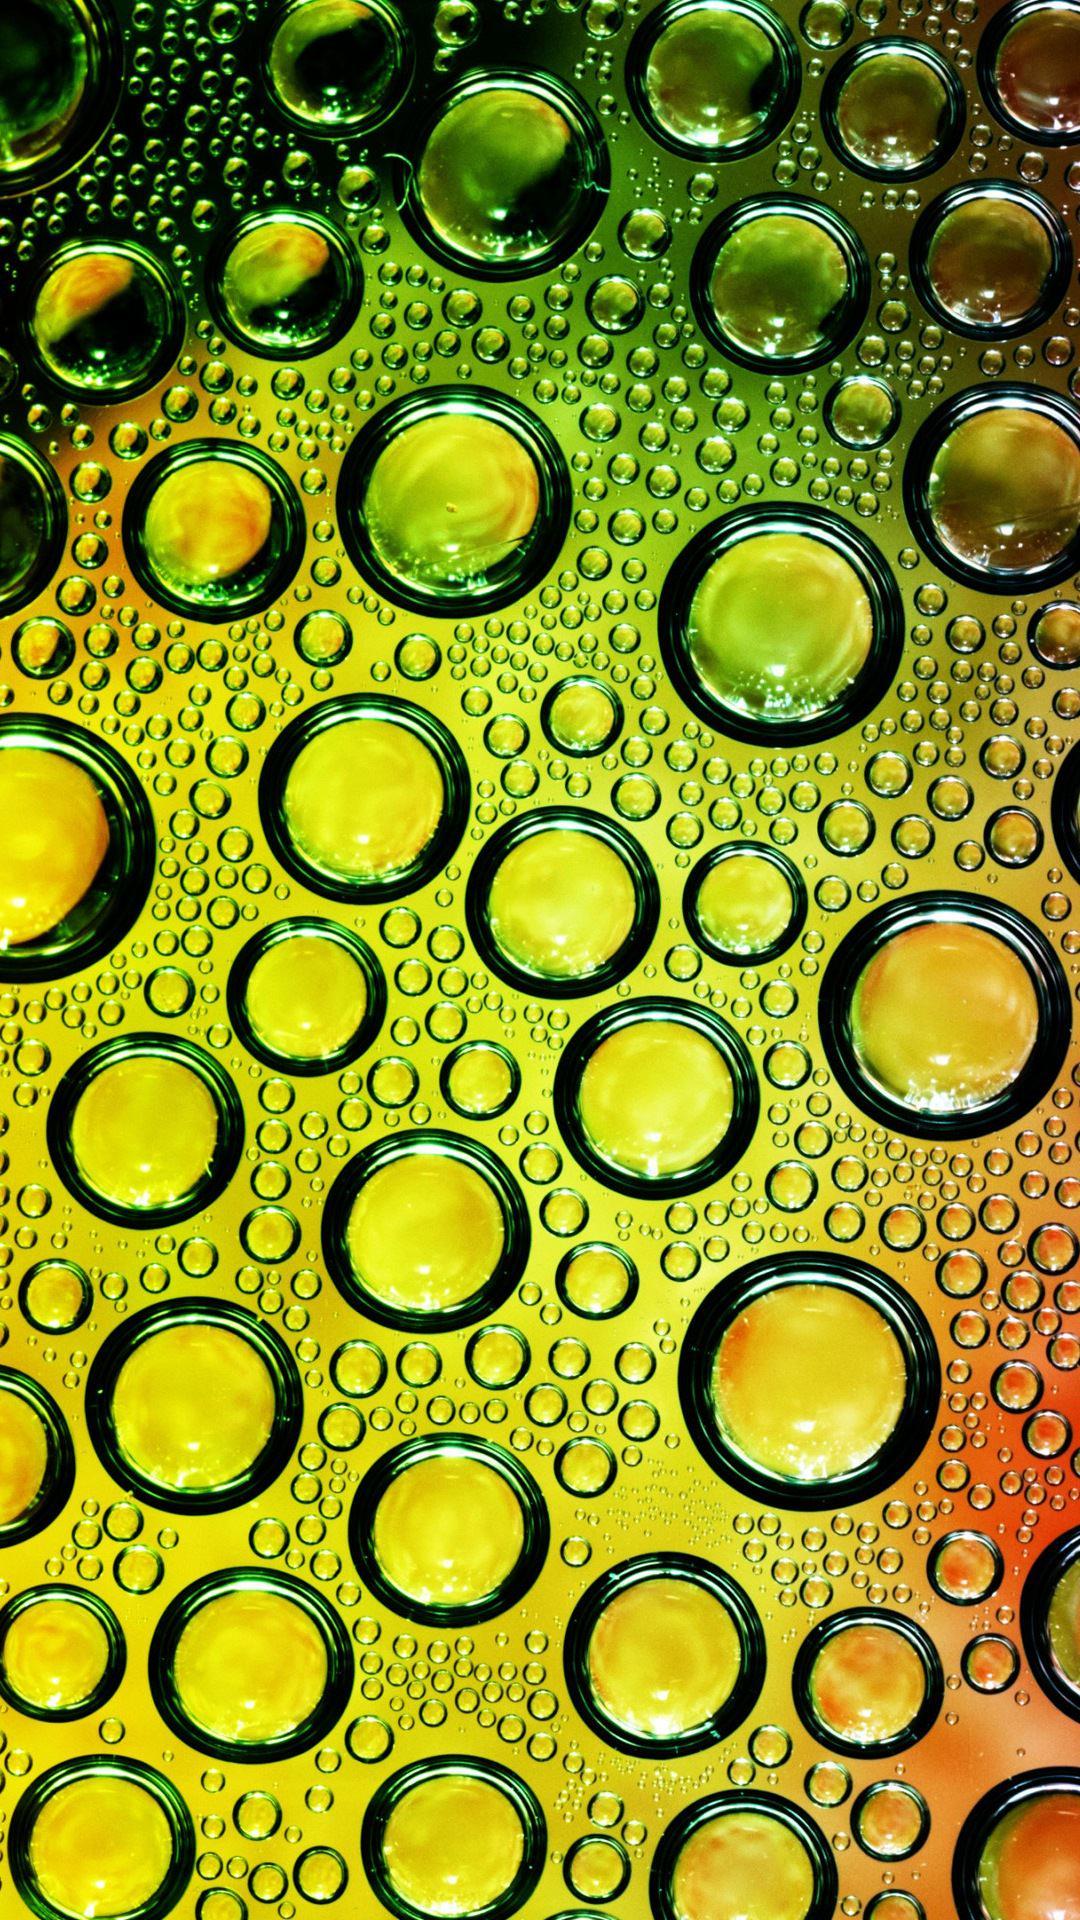 Natural Water Drops